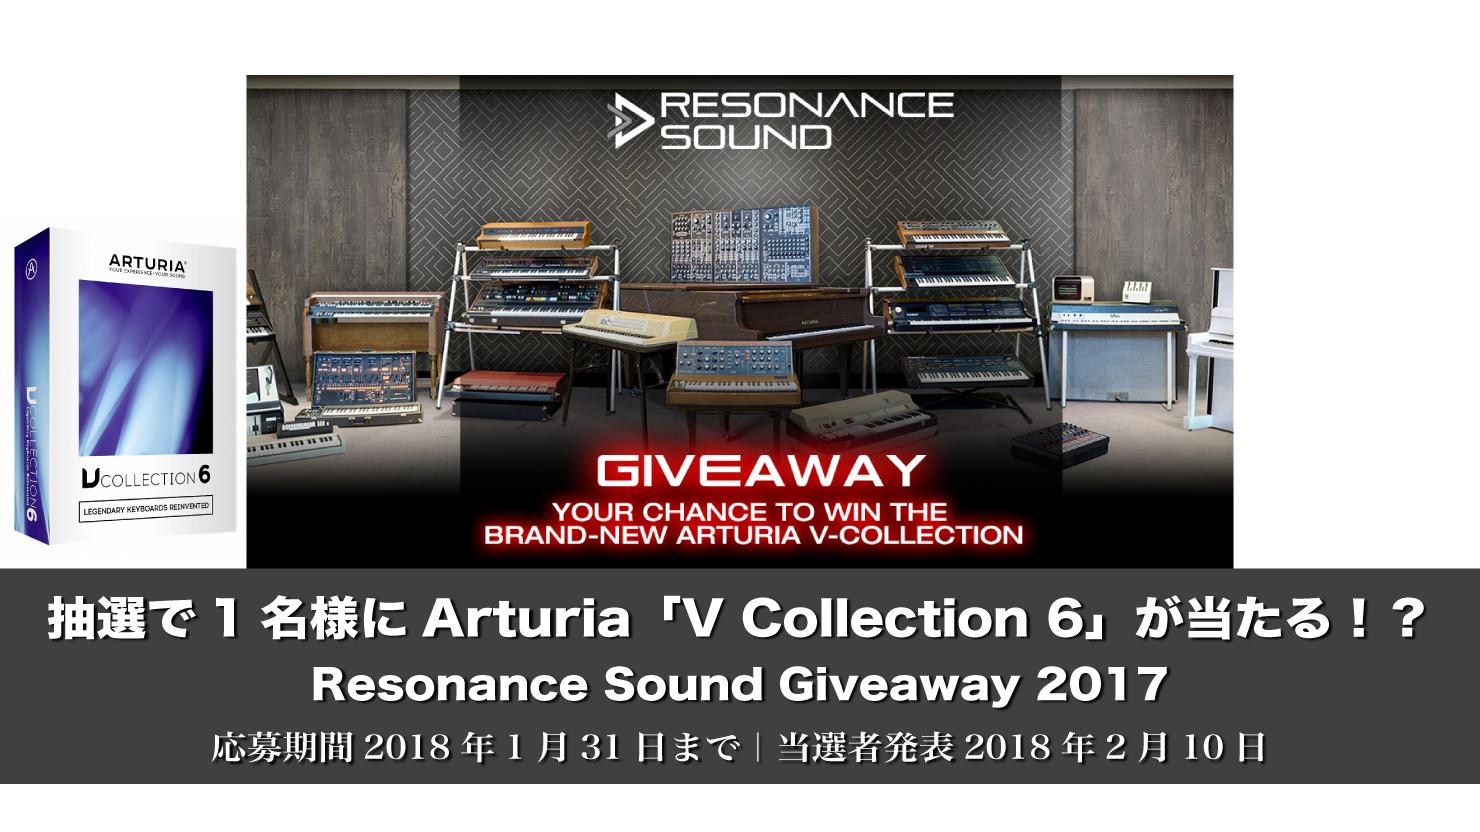 【抽選】YAMAHA DX7をエミュレートしたDX7 Vを含むArturia「V Collection6」が当たる!?Resonance Sound Giveaway 2017